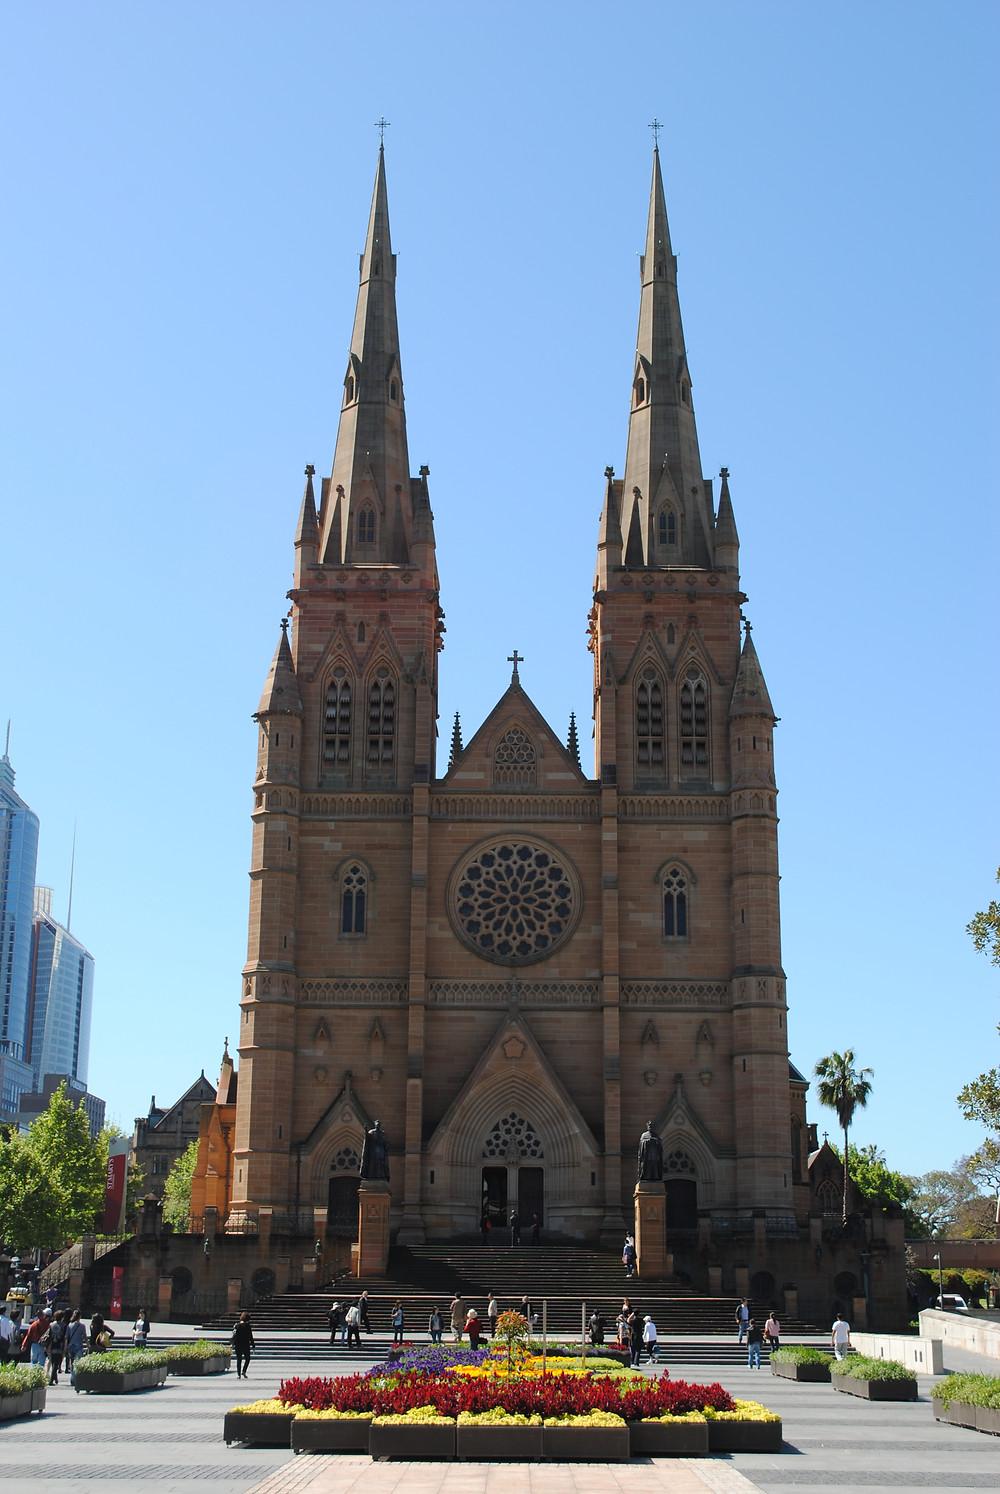 St Mary's, Sydney